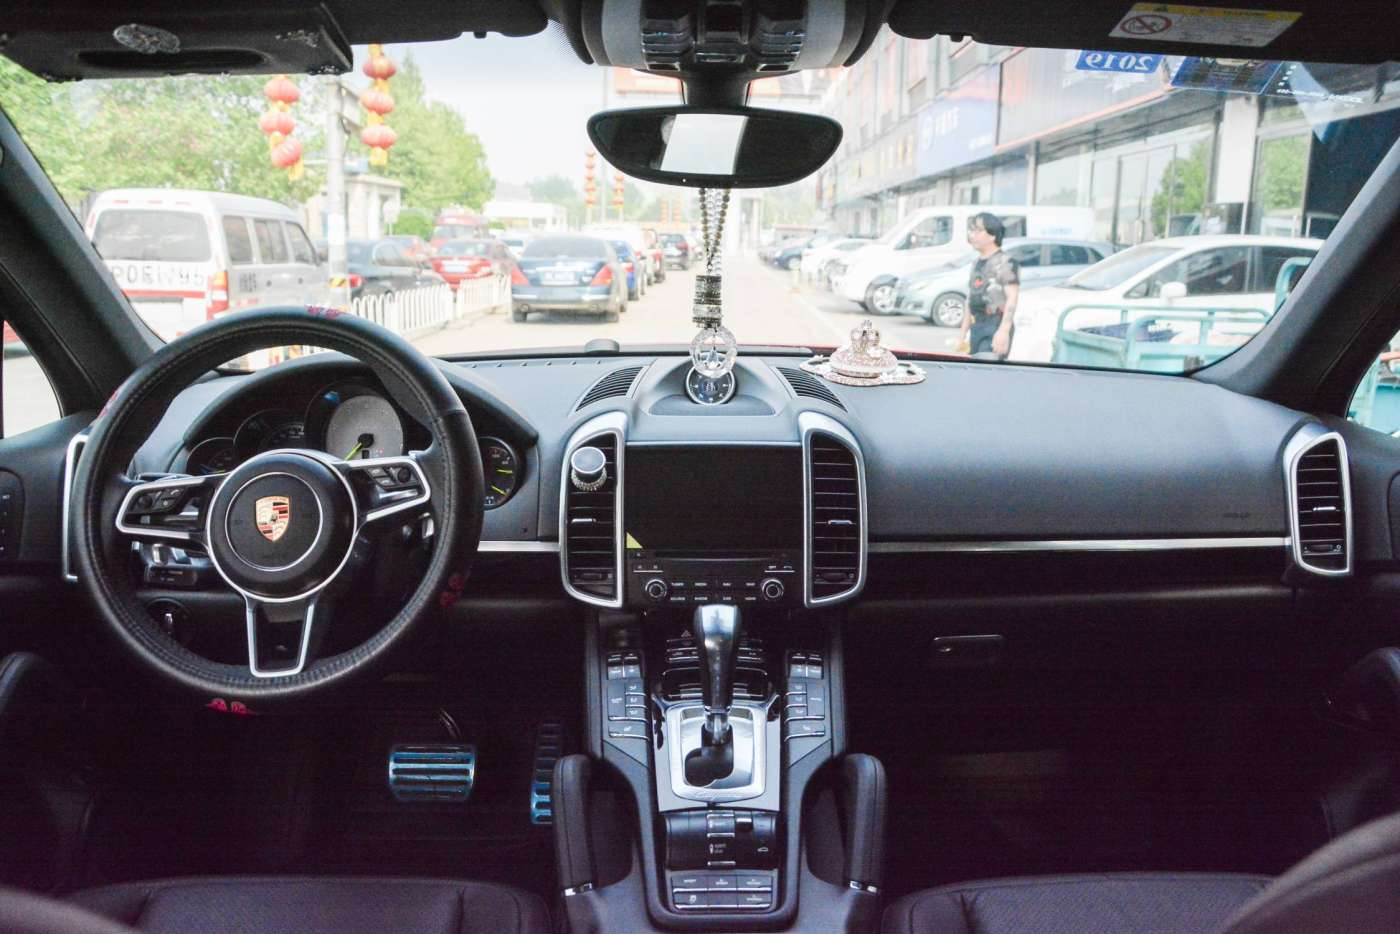 2017年05月 保时捷 2016款 Cayenne新能源 S E-Hybrid 3.0T|甄选保时捷-北京卡斯基汽车服务有限公司